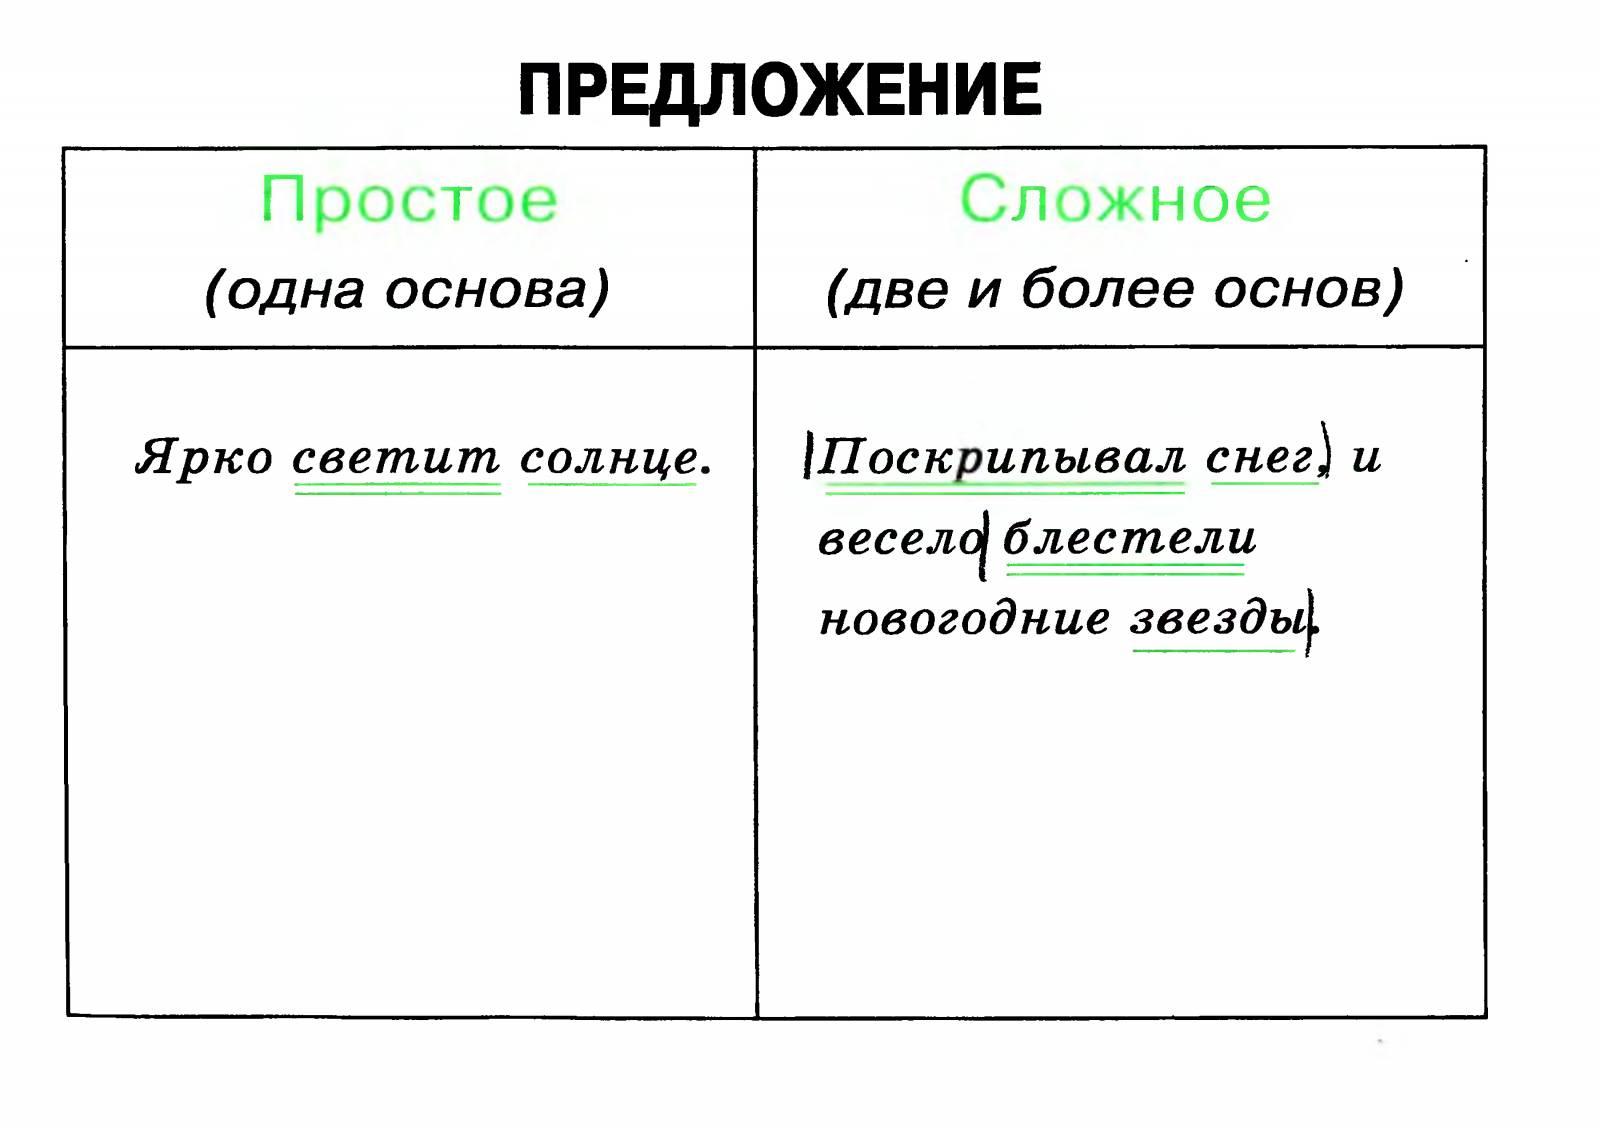 4 простых предложения и схемами